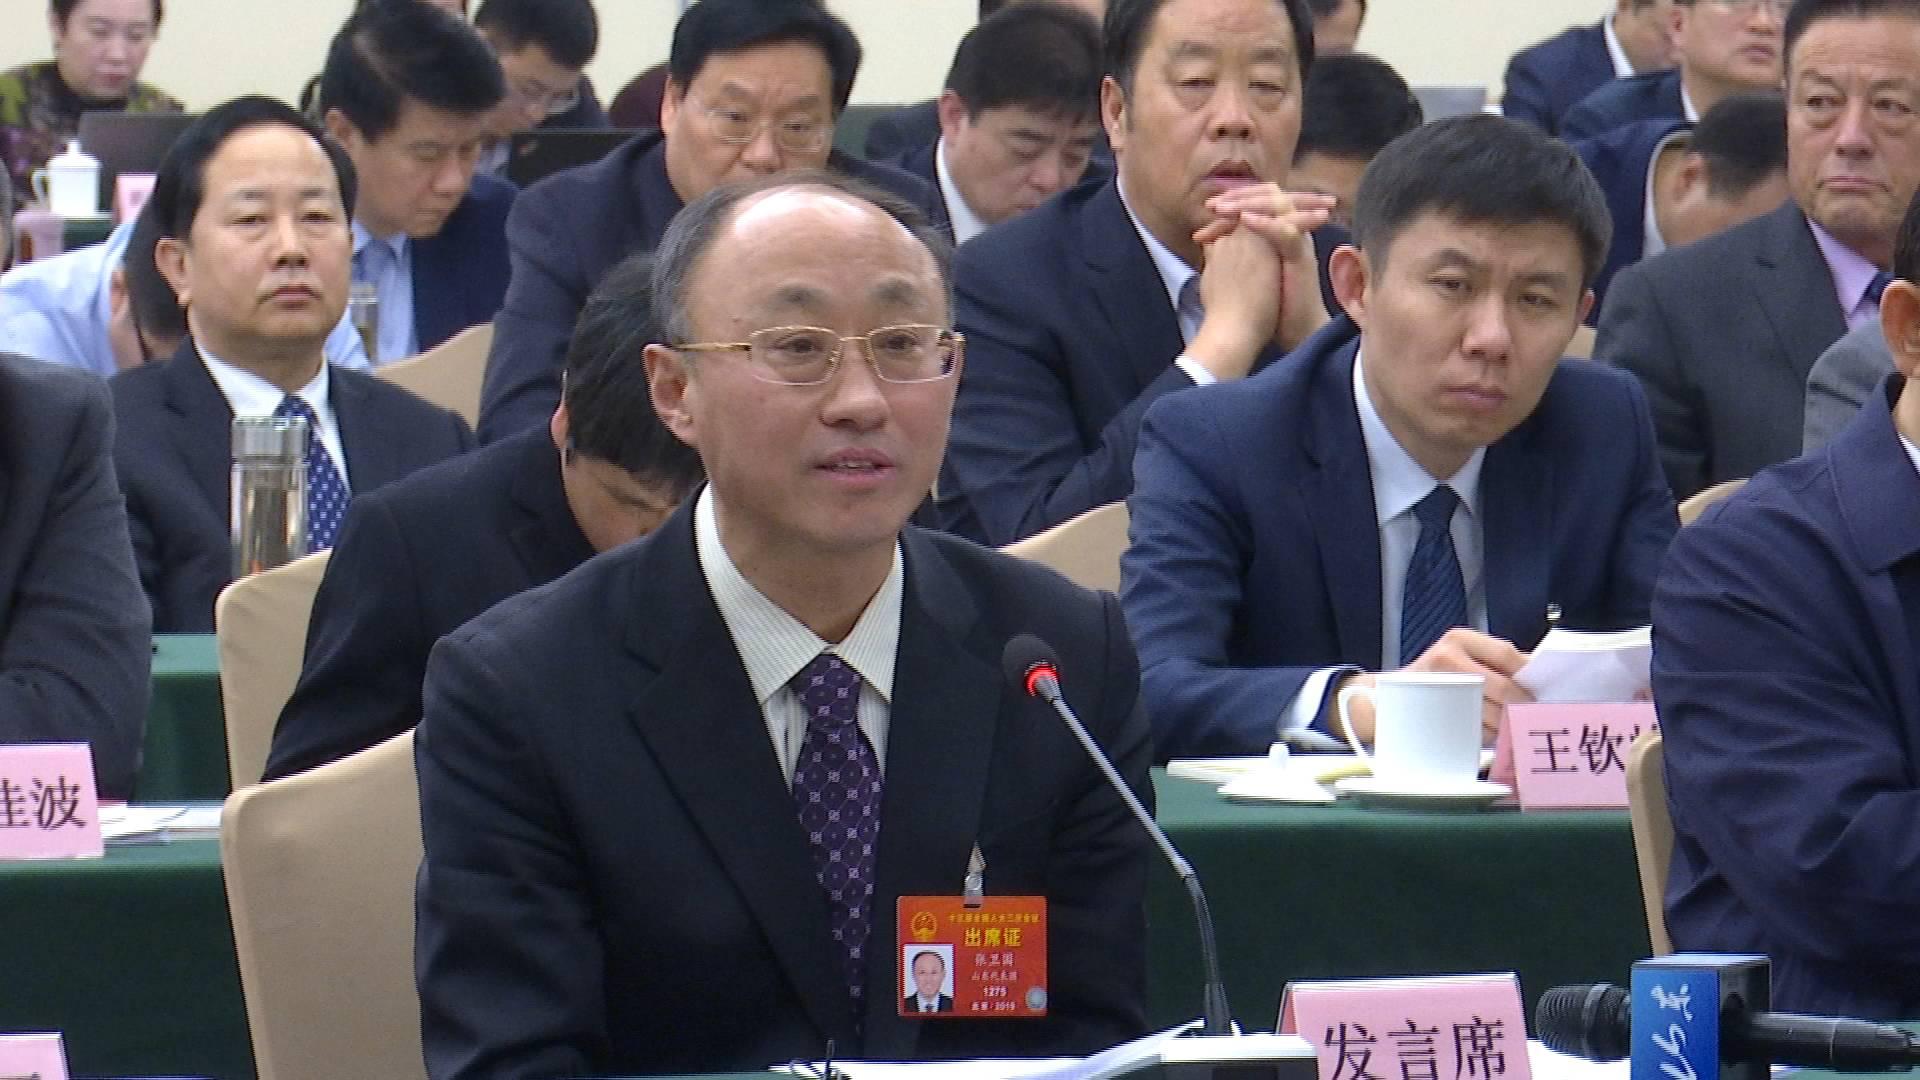 全国人大代表张卫国:保护国家和人民的根本利益,必须确保产业安全